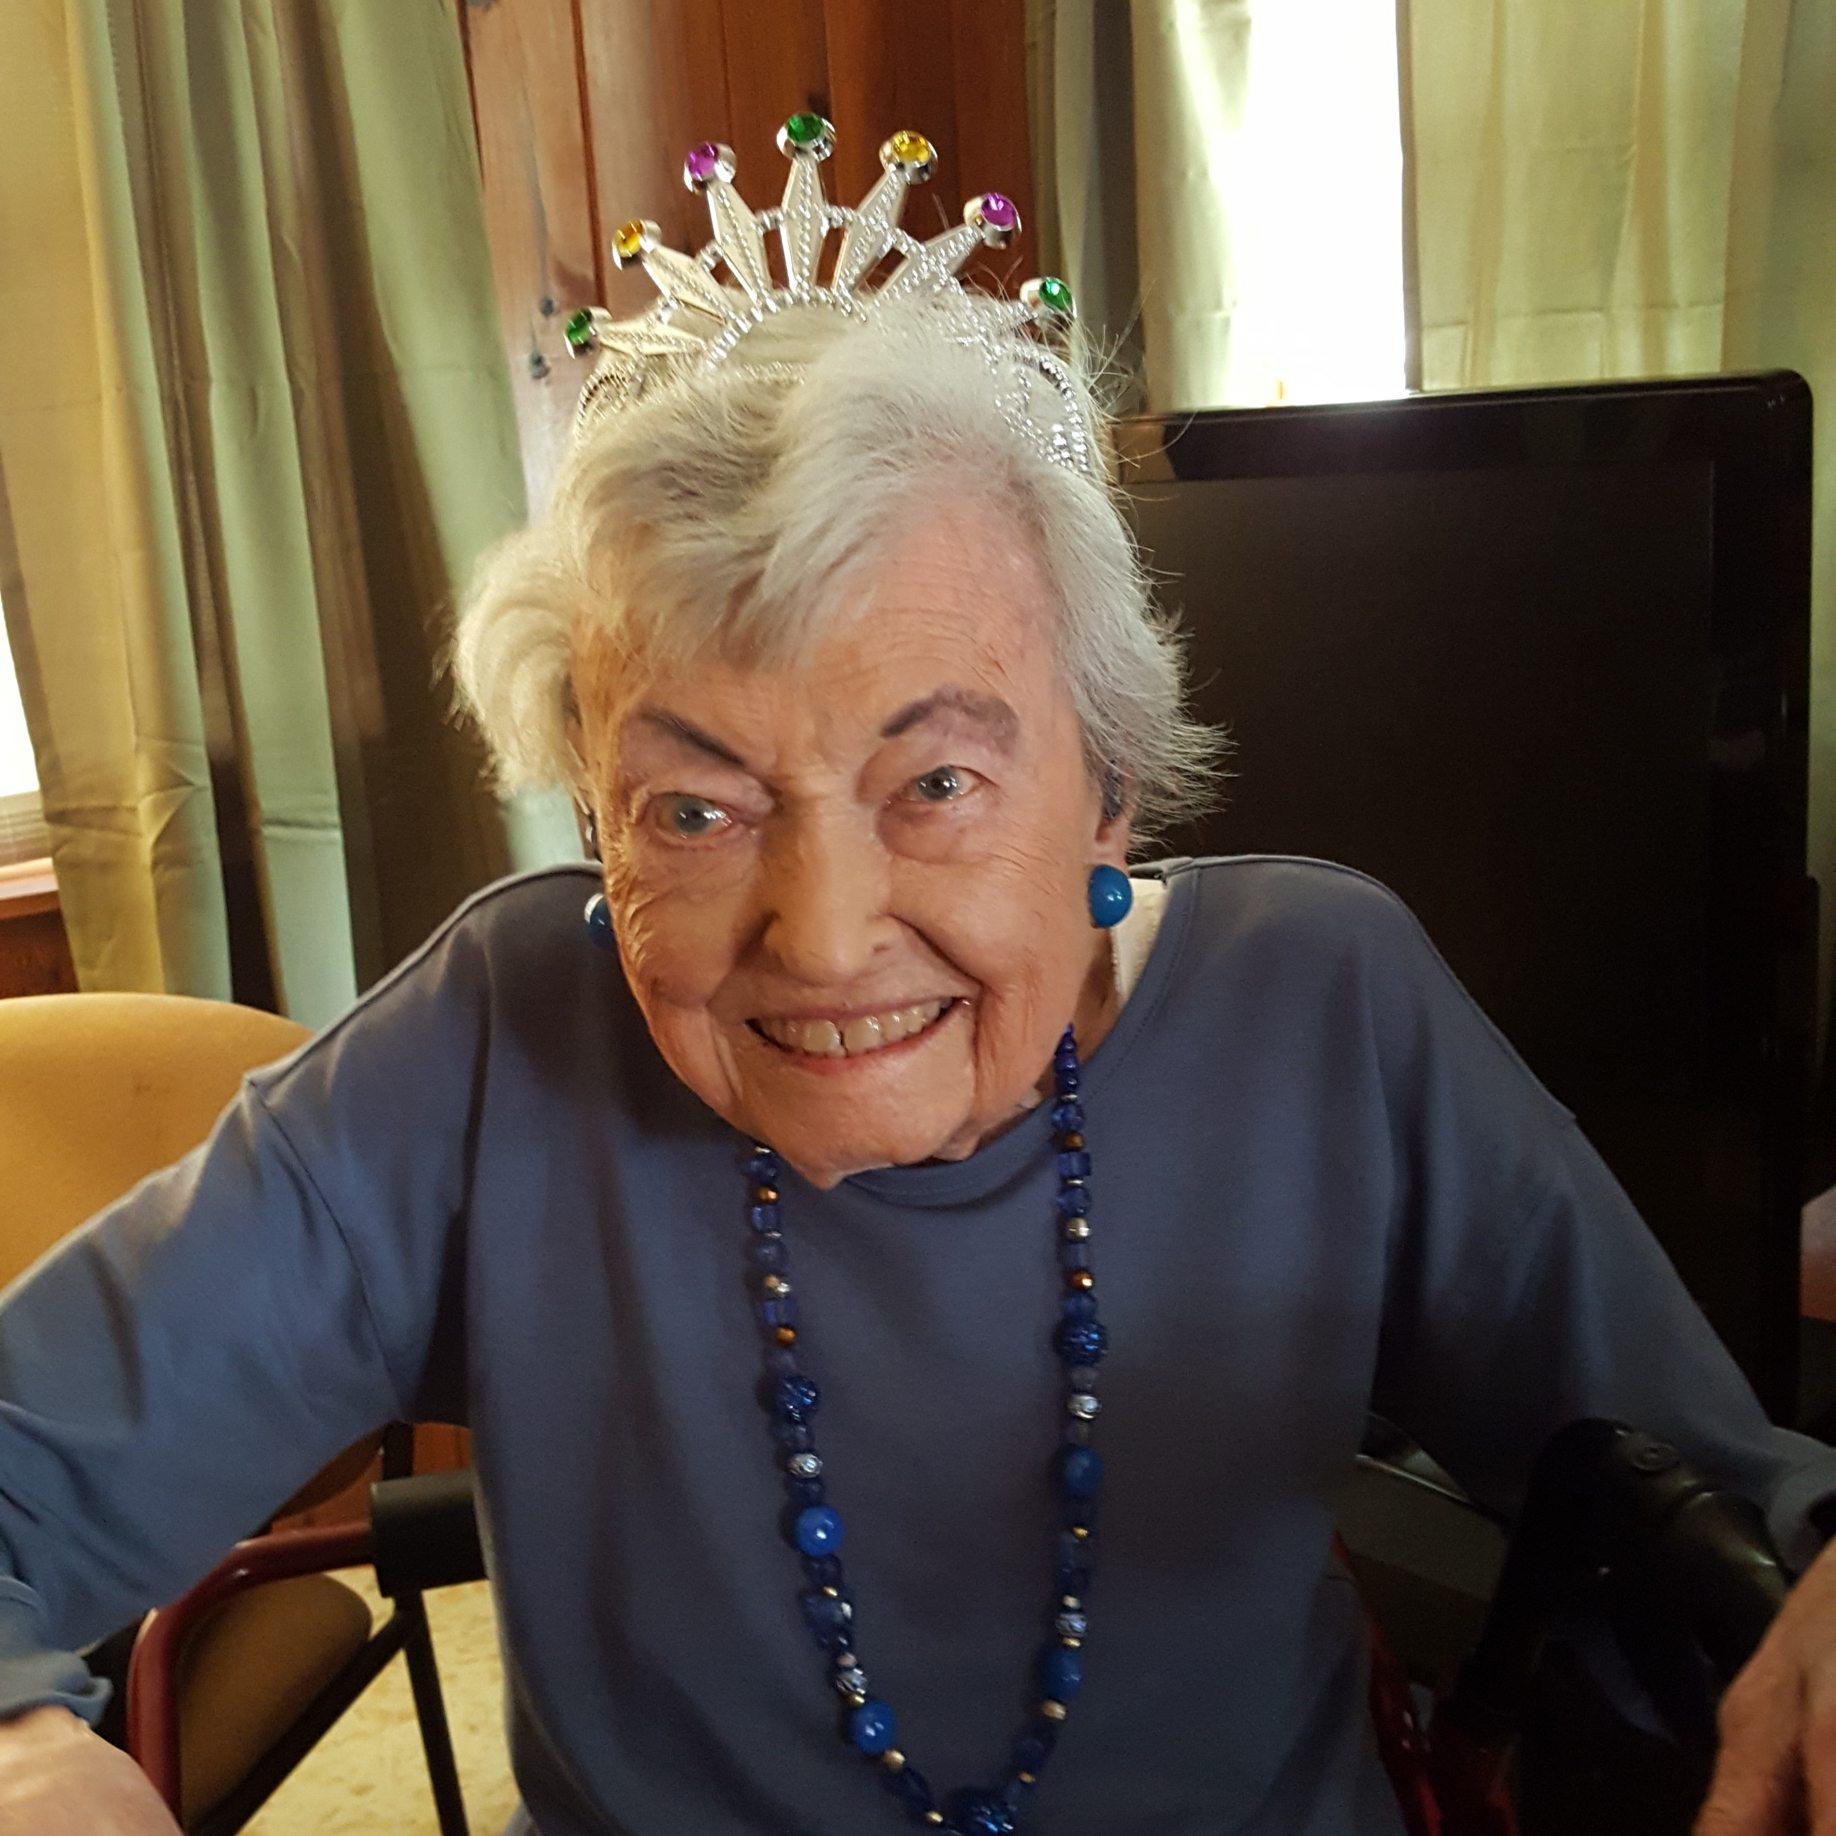 Former Mesquite resident celebrates 100th birthday